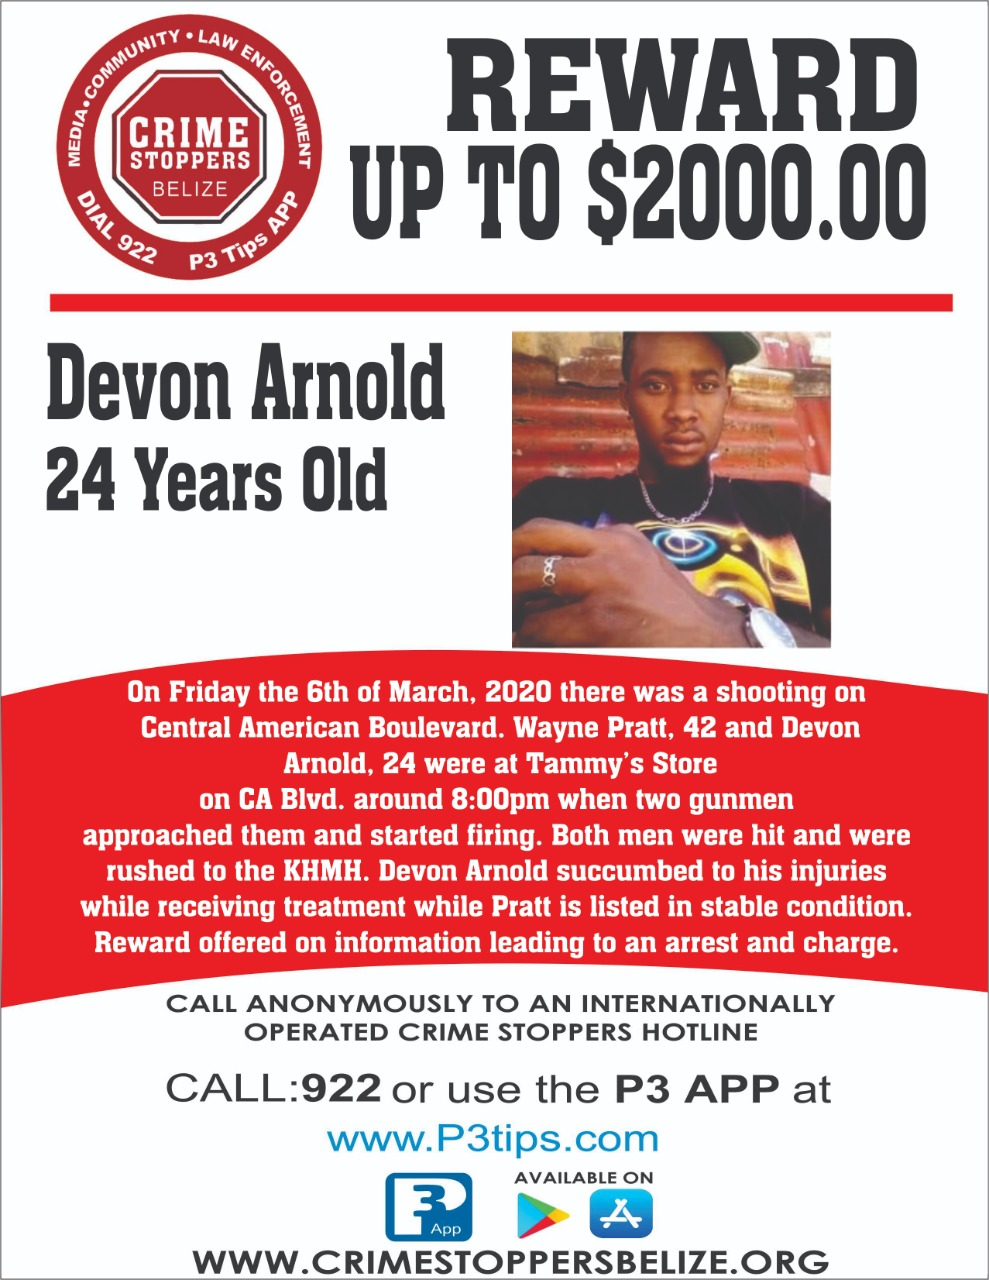 Devon Arnold